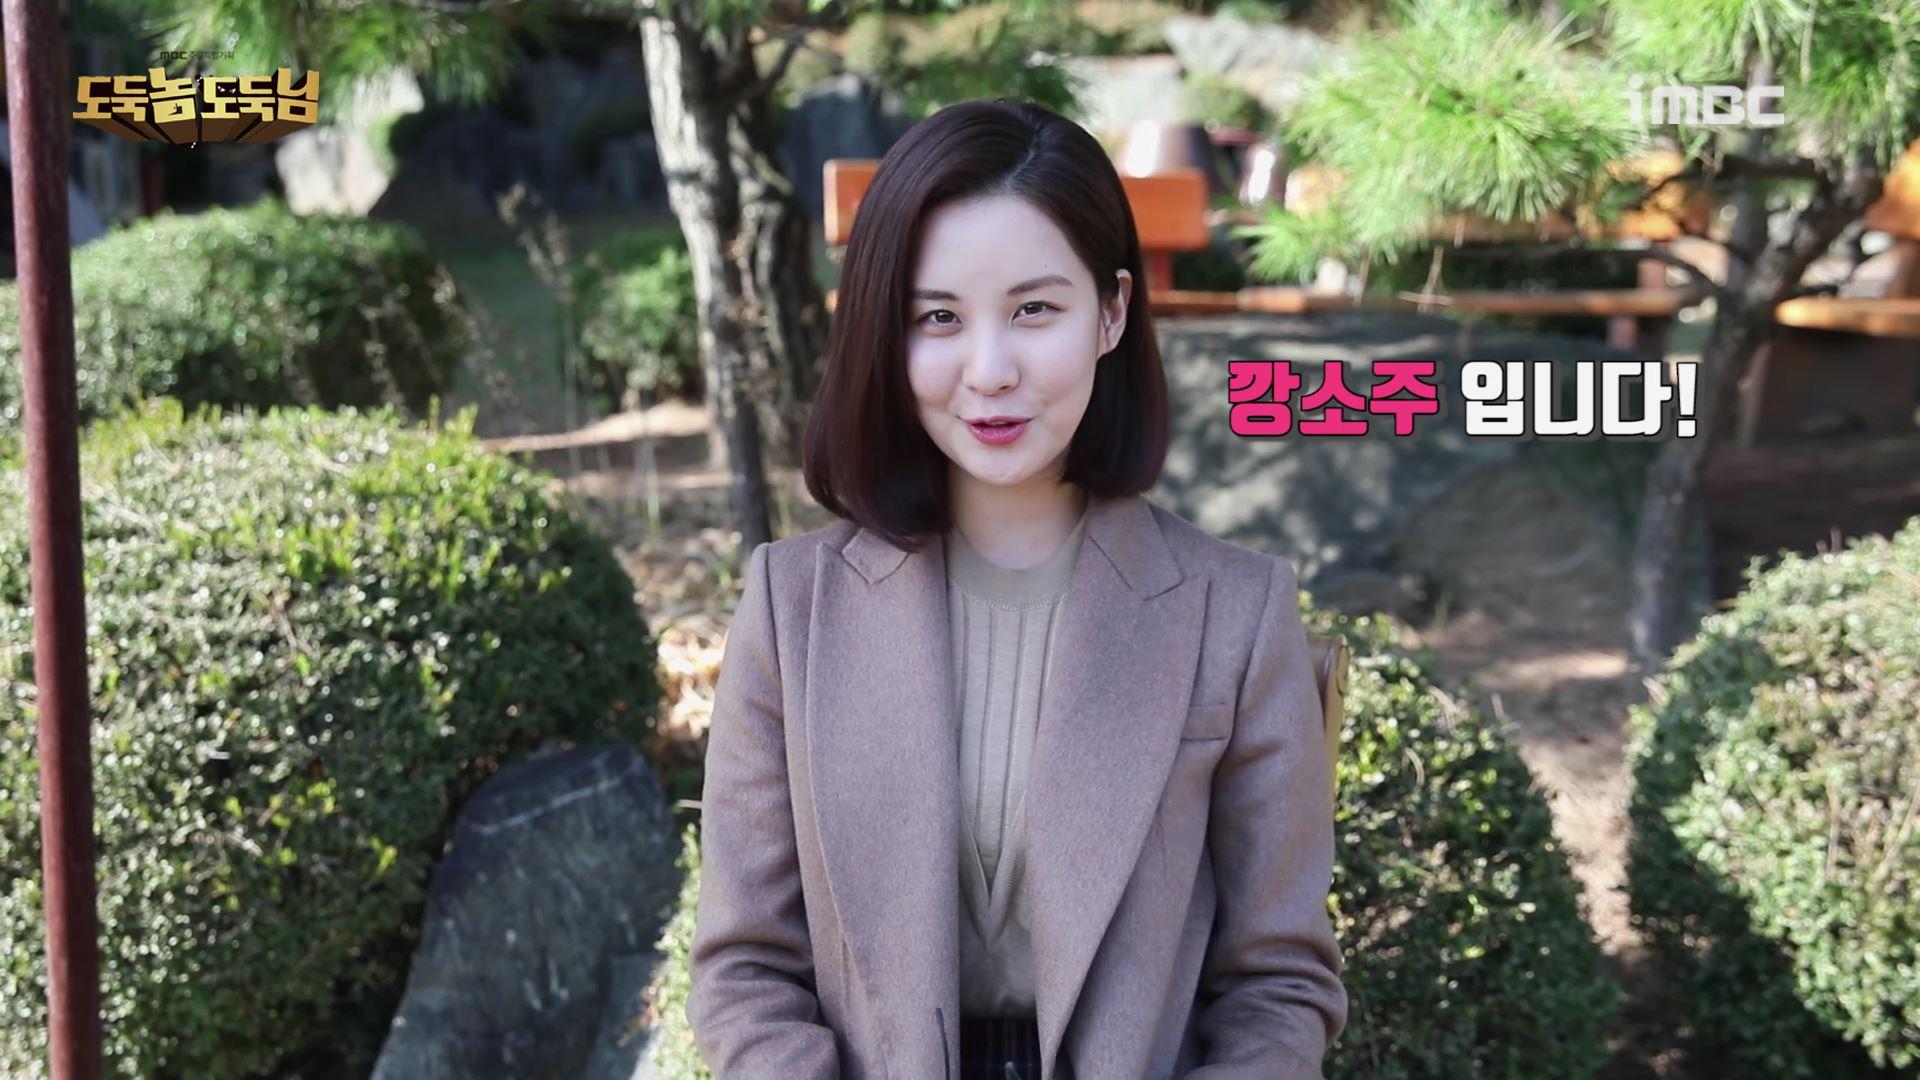 """[끝터뷰] <도둑놈 도둑님> 서주현, """"당분간 휴식 취하며 배우로서 수련할 것"""" 종영소감"""